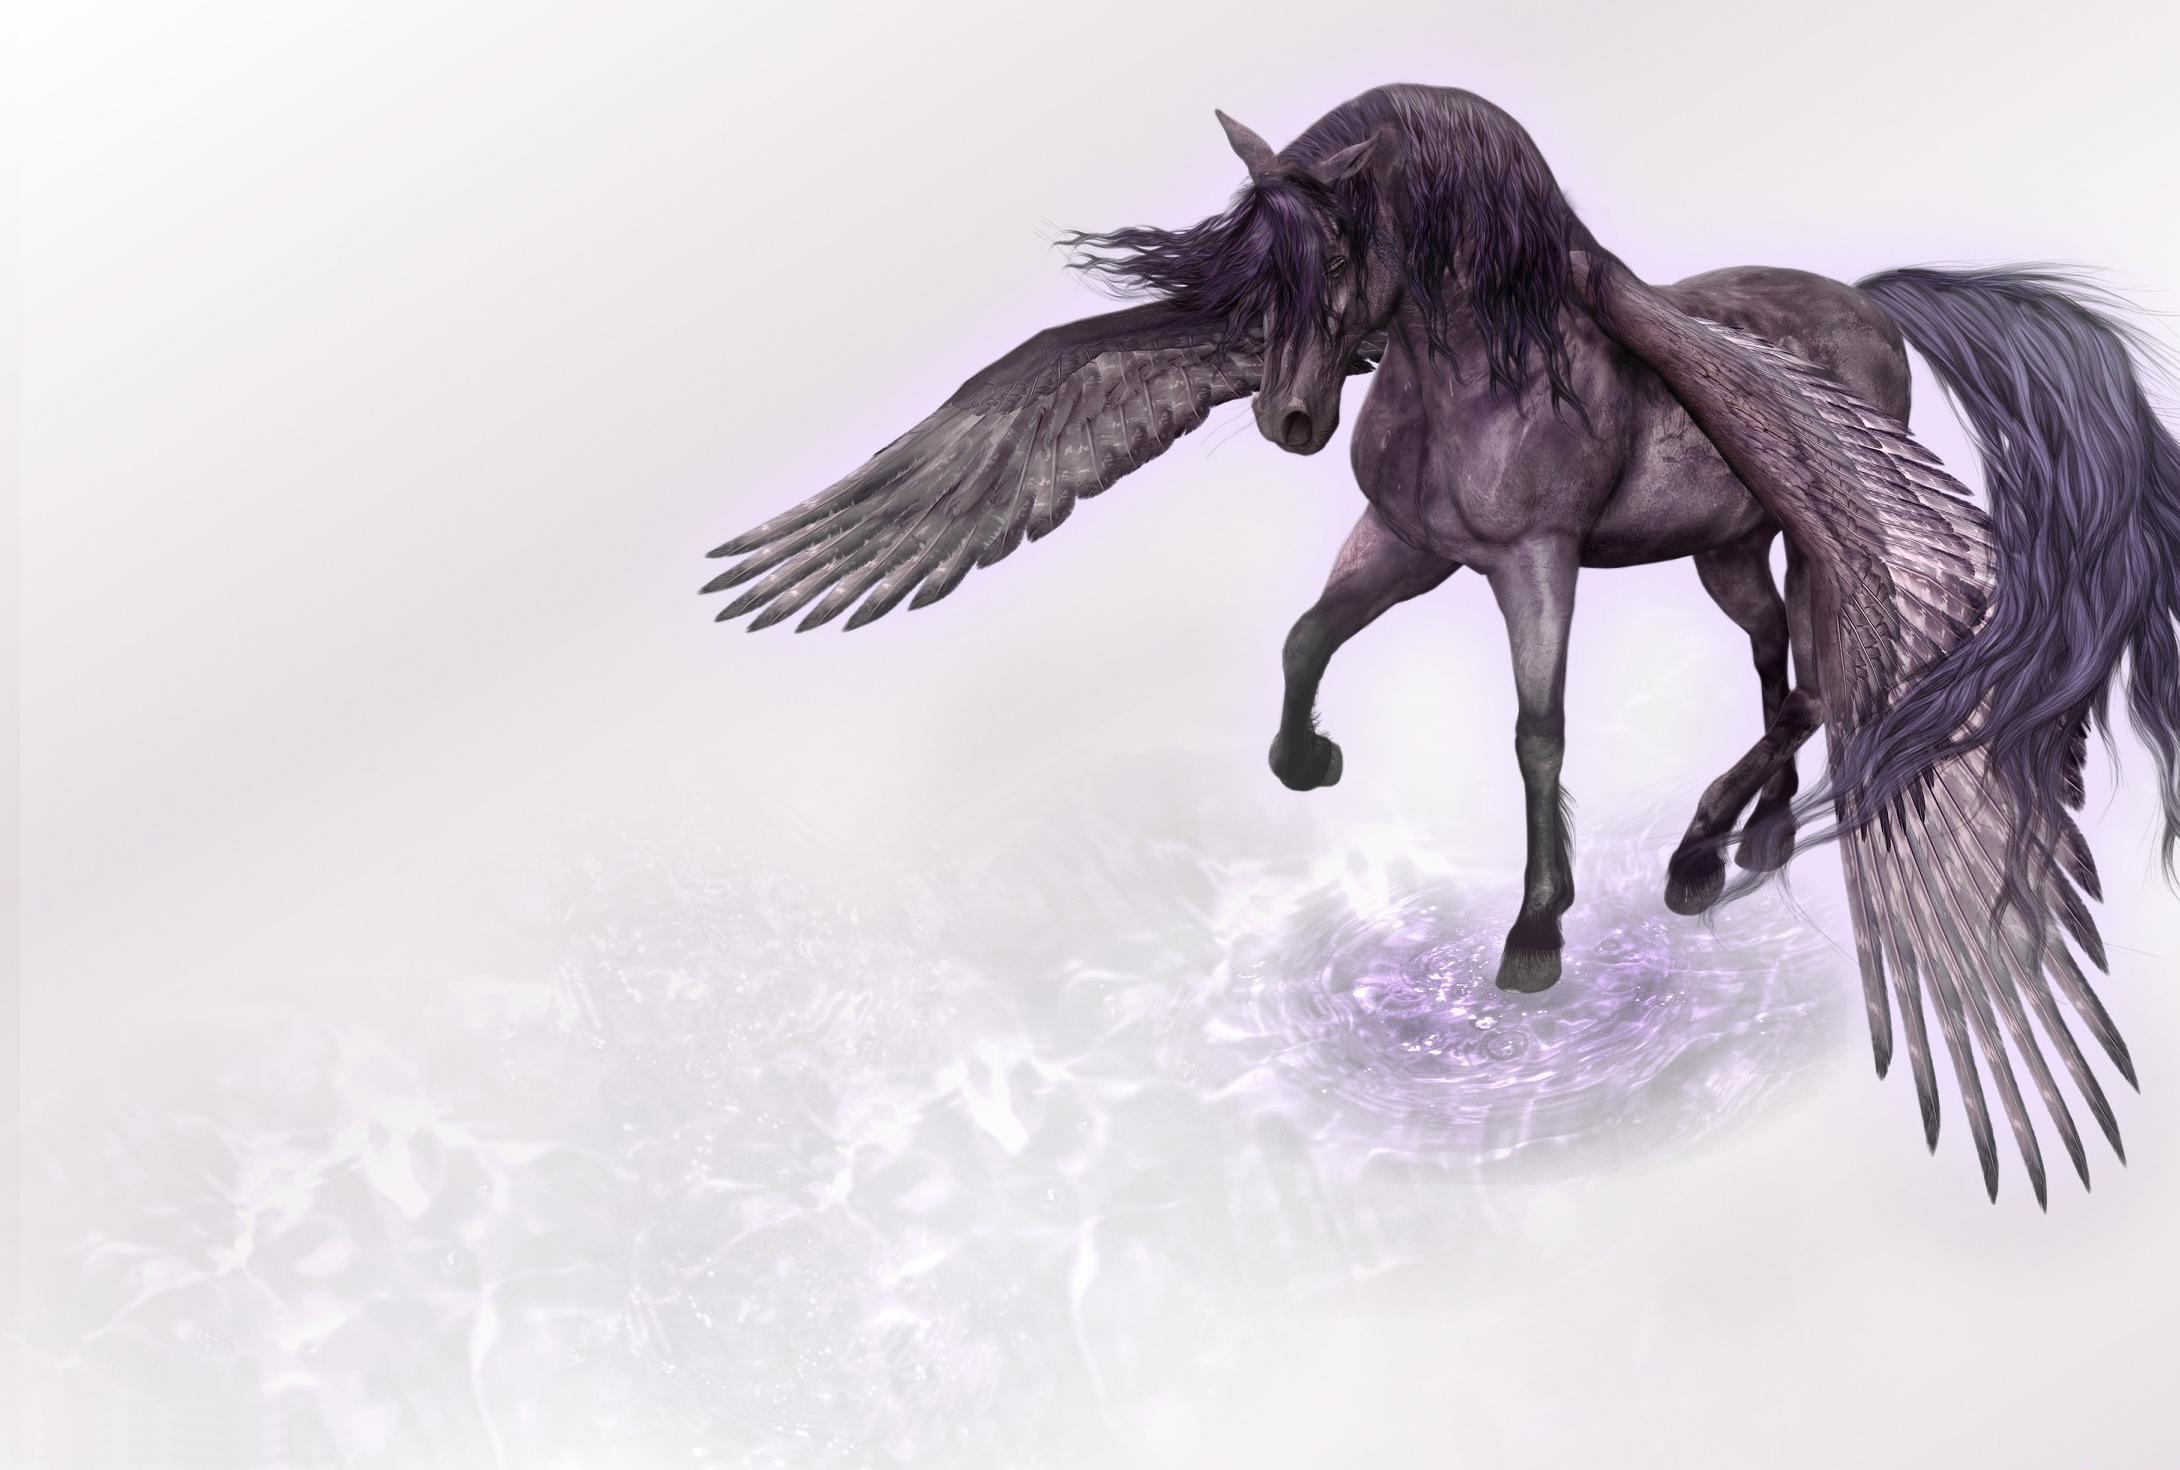 118780 скачать обои Вода, Фэнтези, Крылья, Конь, Пегас - заставки и картинки бесплатно